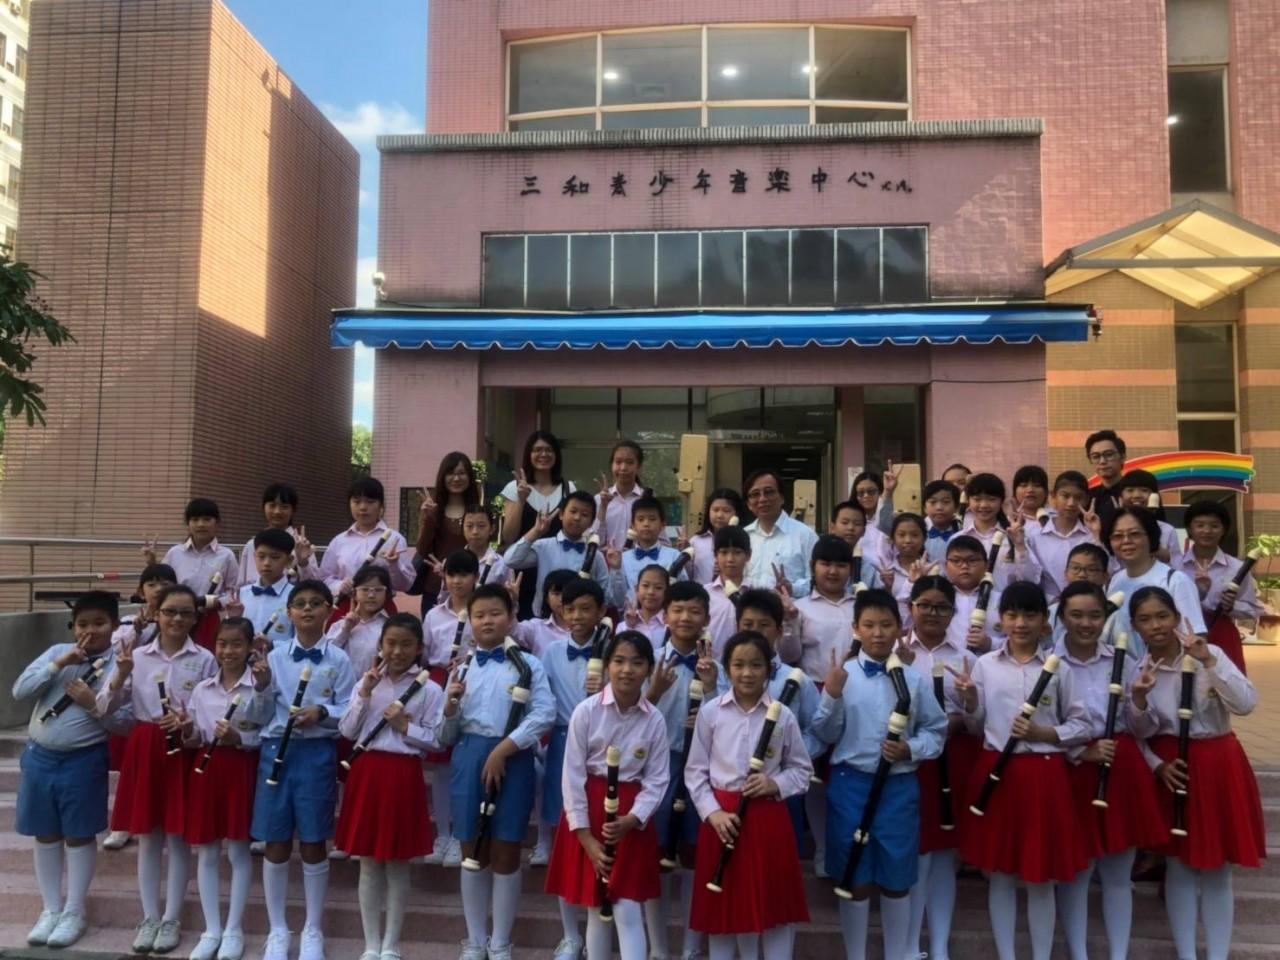 臺灣小學 相片列表 頁1 | Uniform Map 制服地圖